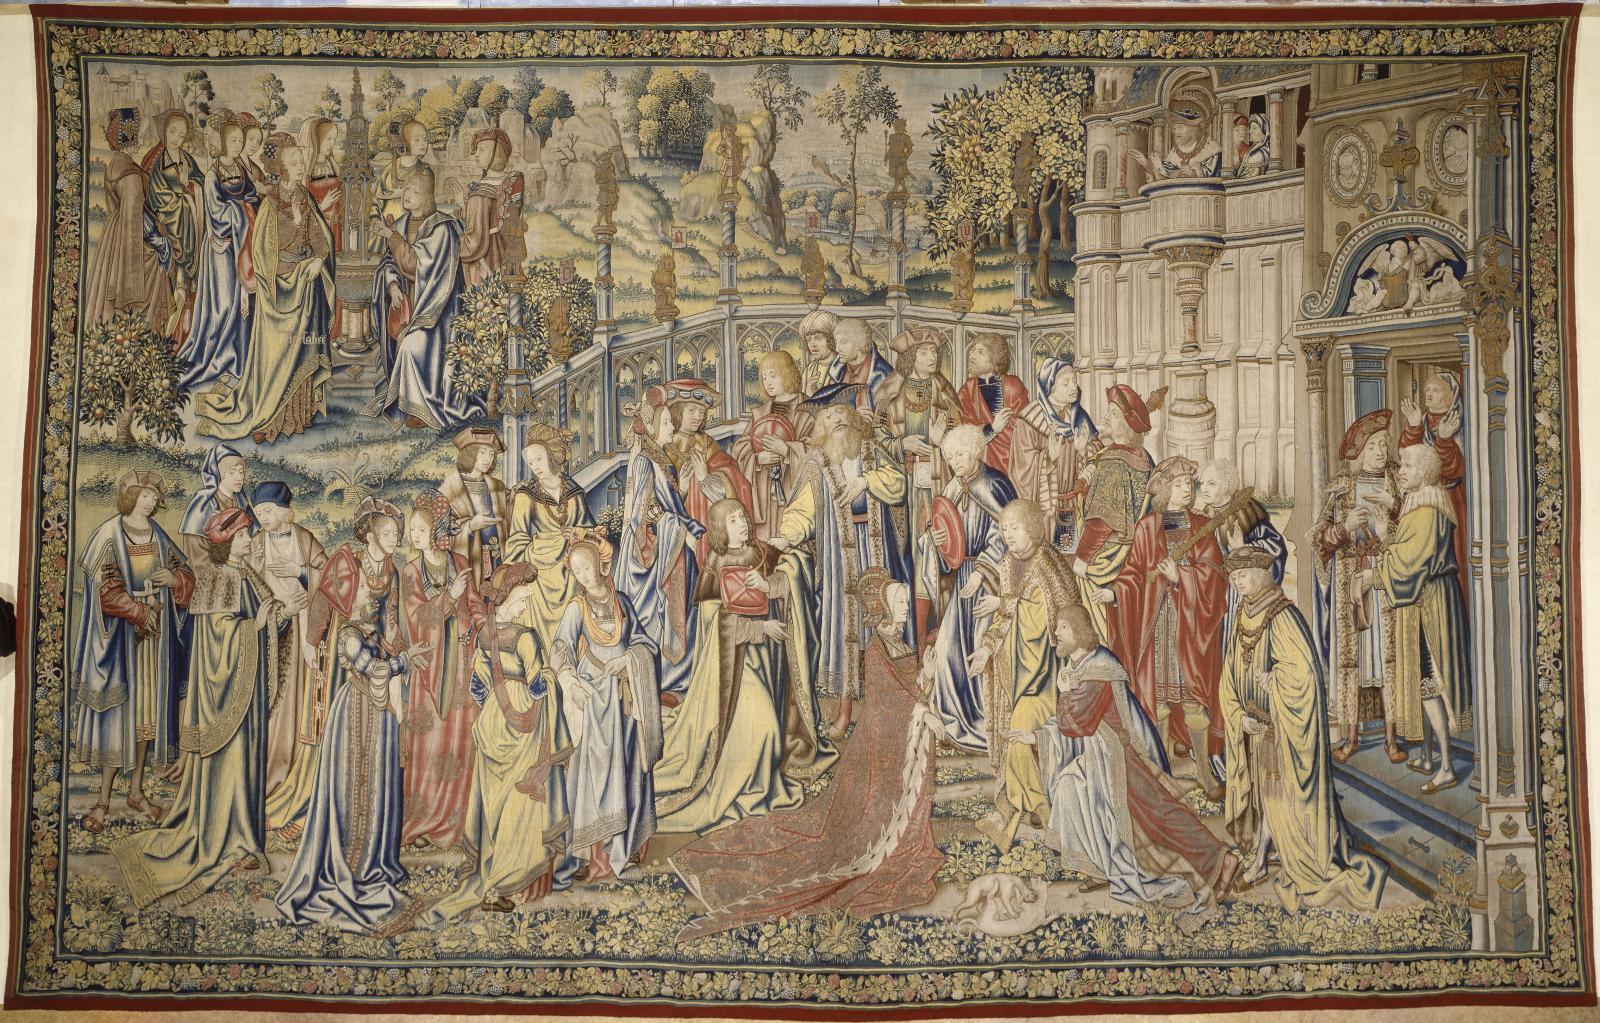 Peter VanAelst (1502-1550), d'après Jan VanRoome (1498-1521), Tenture de David et Bethsabée, David fait chercher Bethsabée à la fontaine et est reçu